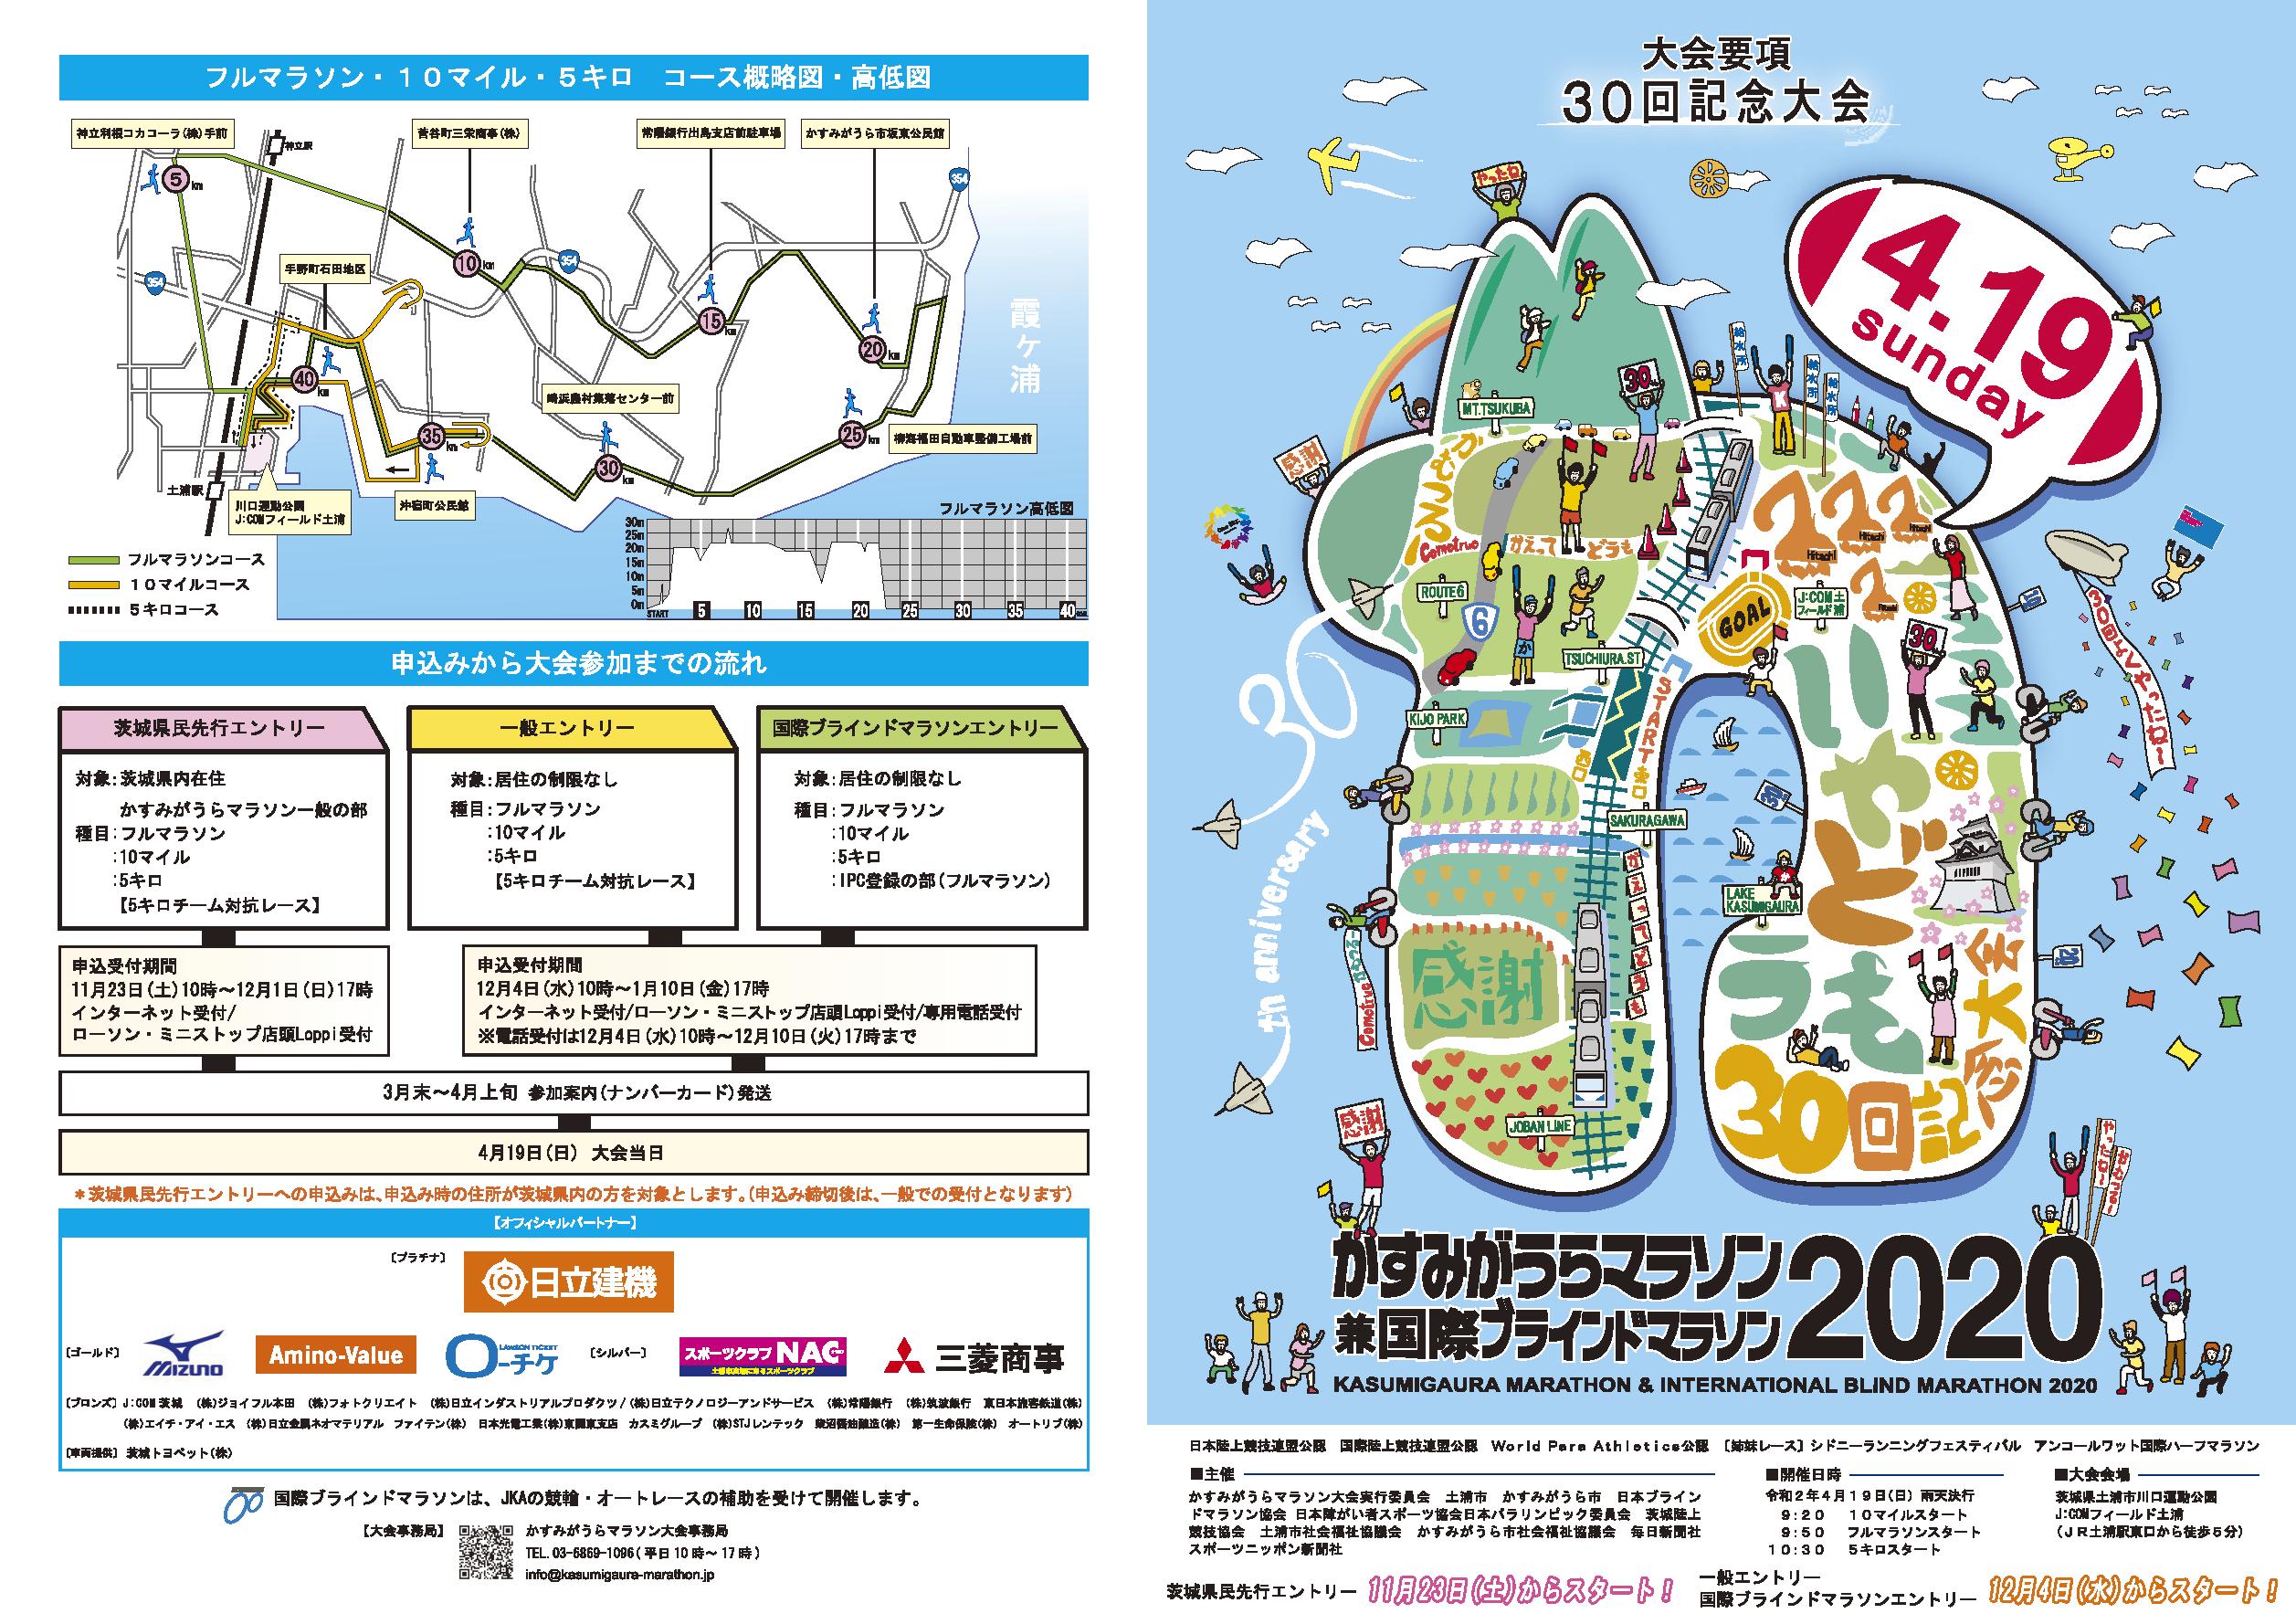 かすみがうらマラソン2020大会要項パンフレット